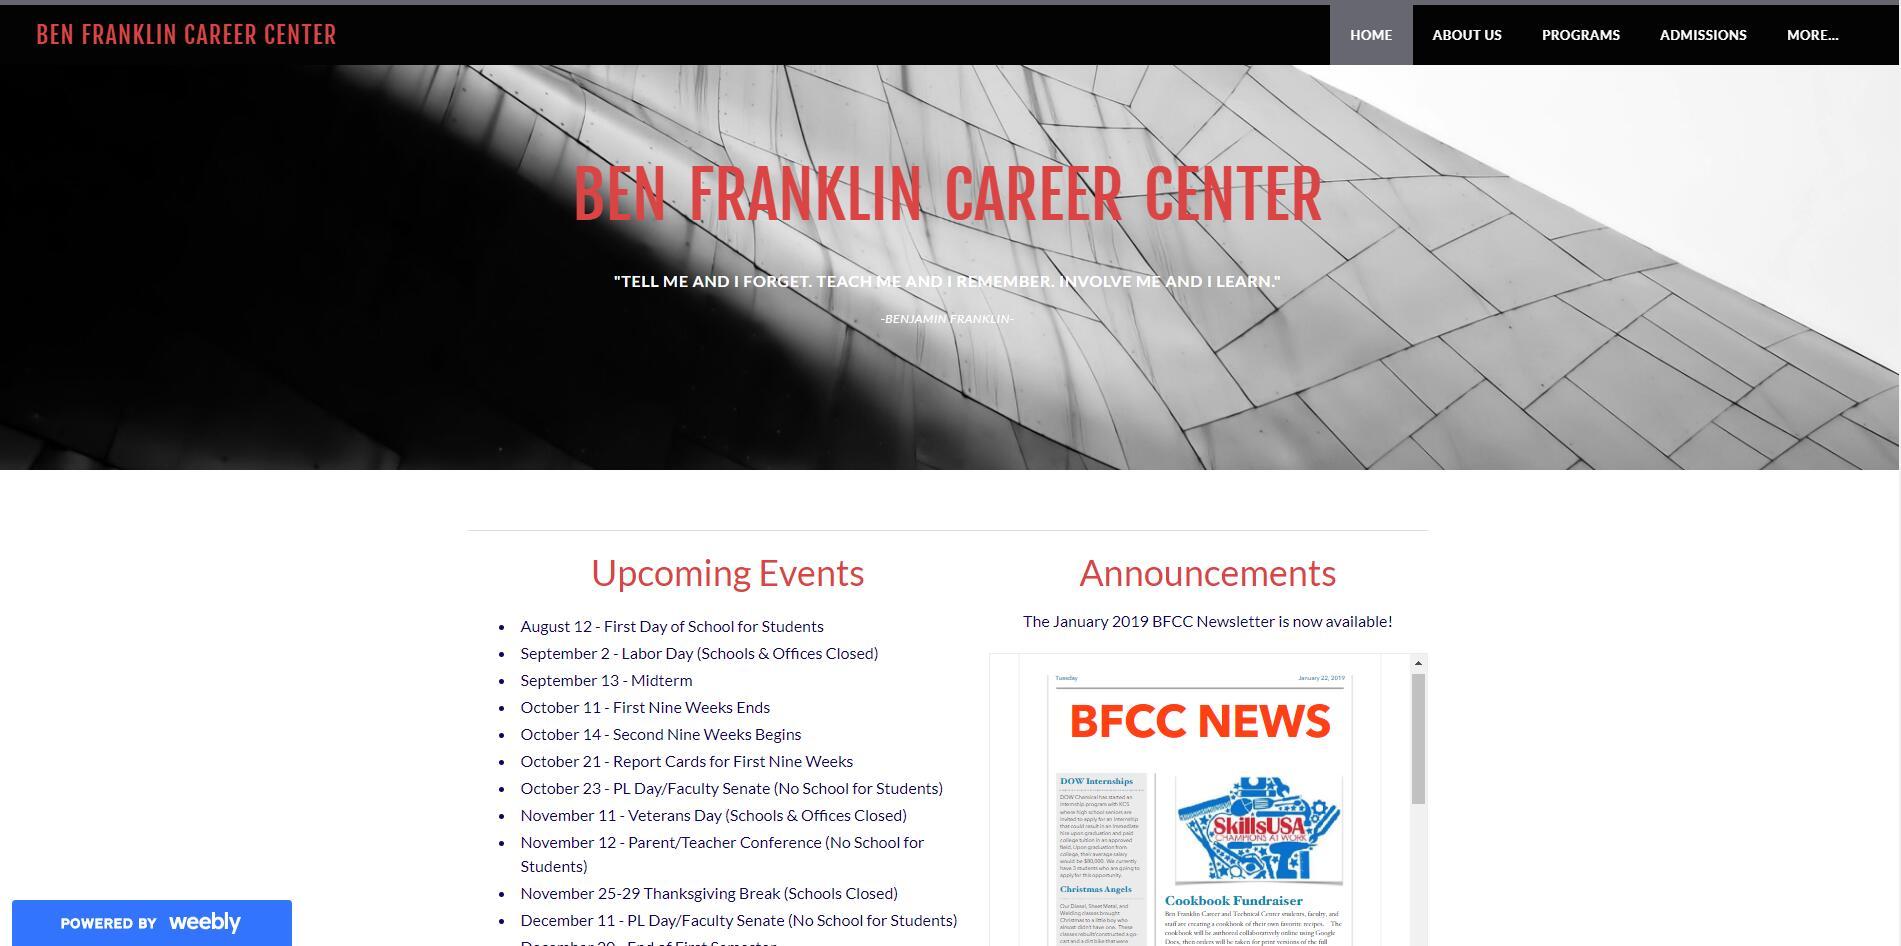 Ben Franklin Career Center